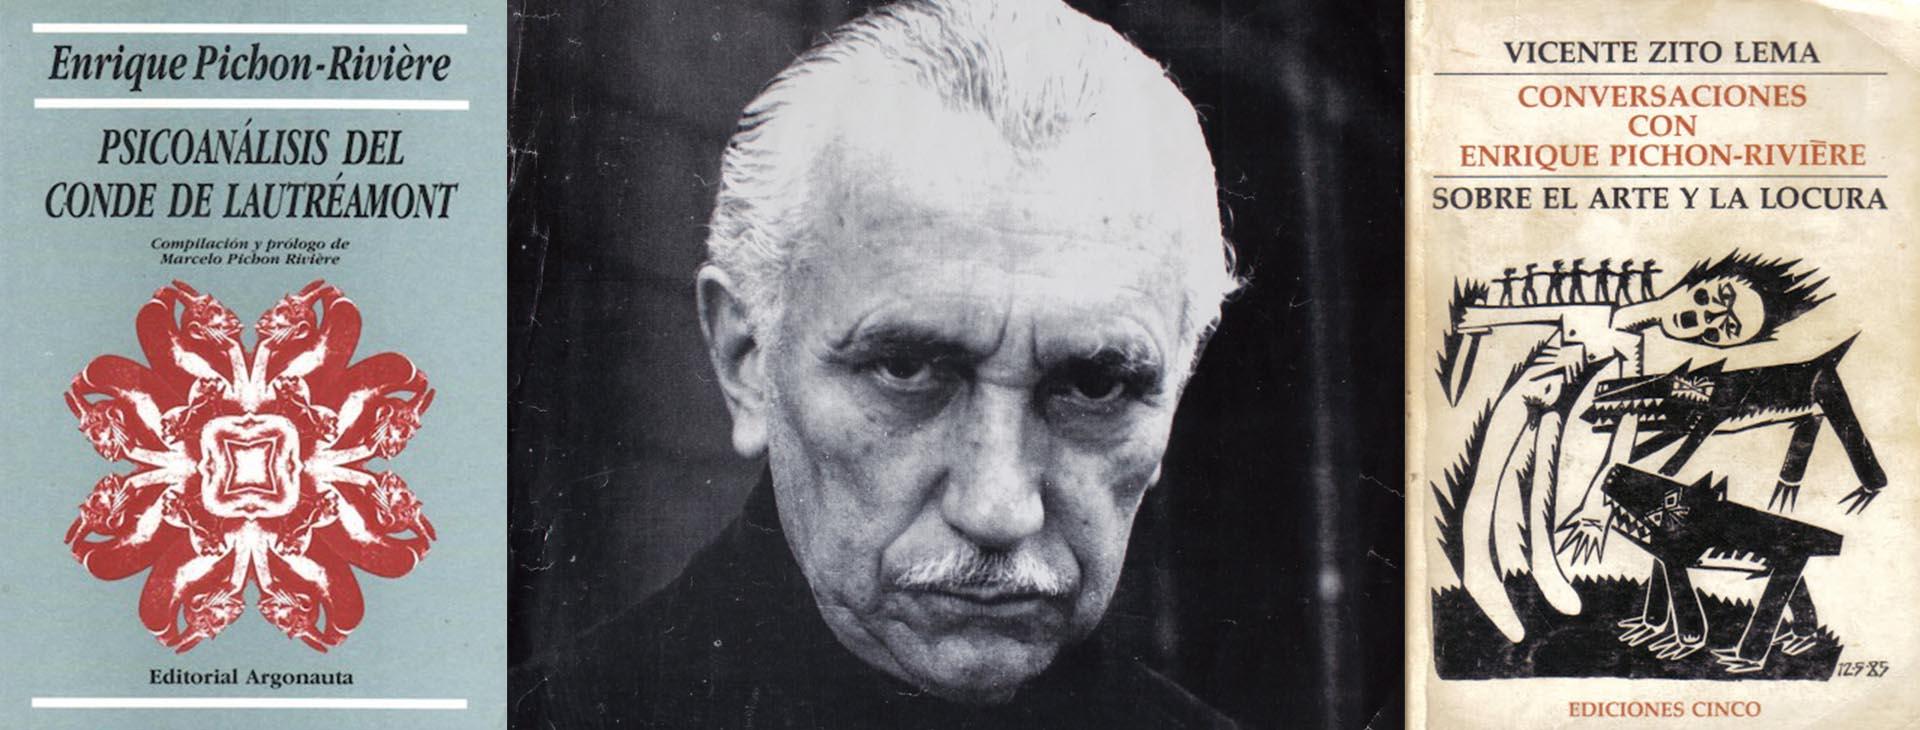 Enrique Pichon-Rivière y lso dos libros en los que habla sobre el poeta